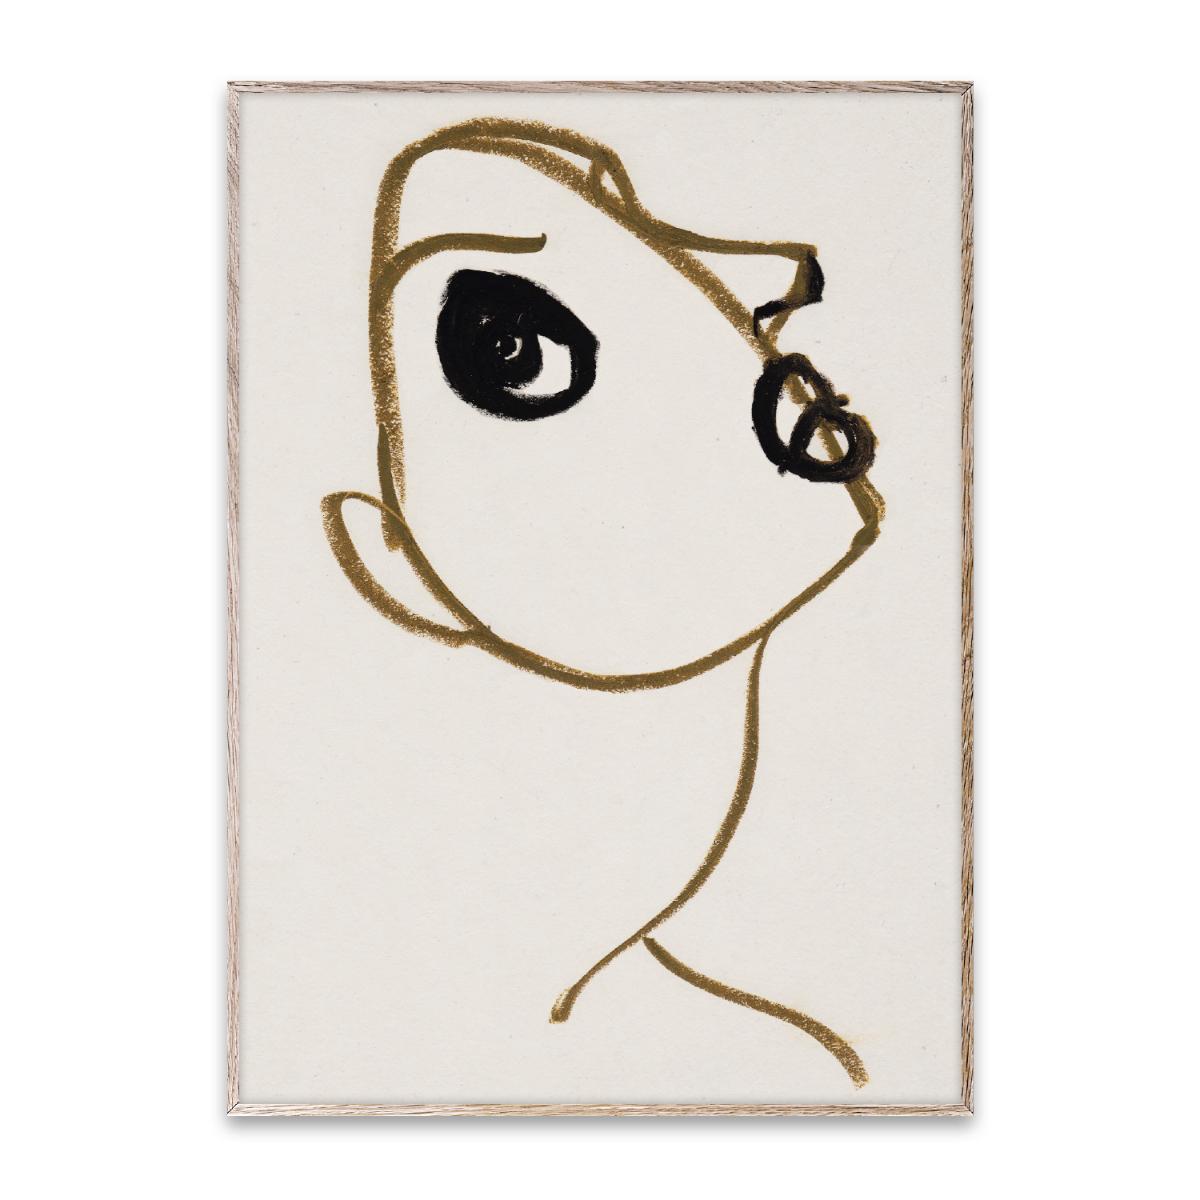 Designtorget Poster Silhouette 02 50x70 cm